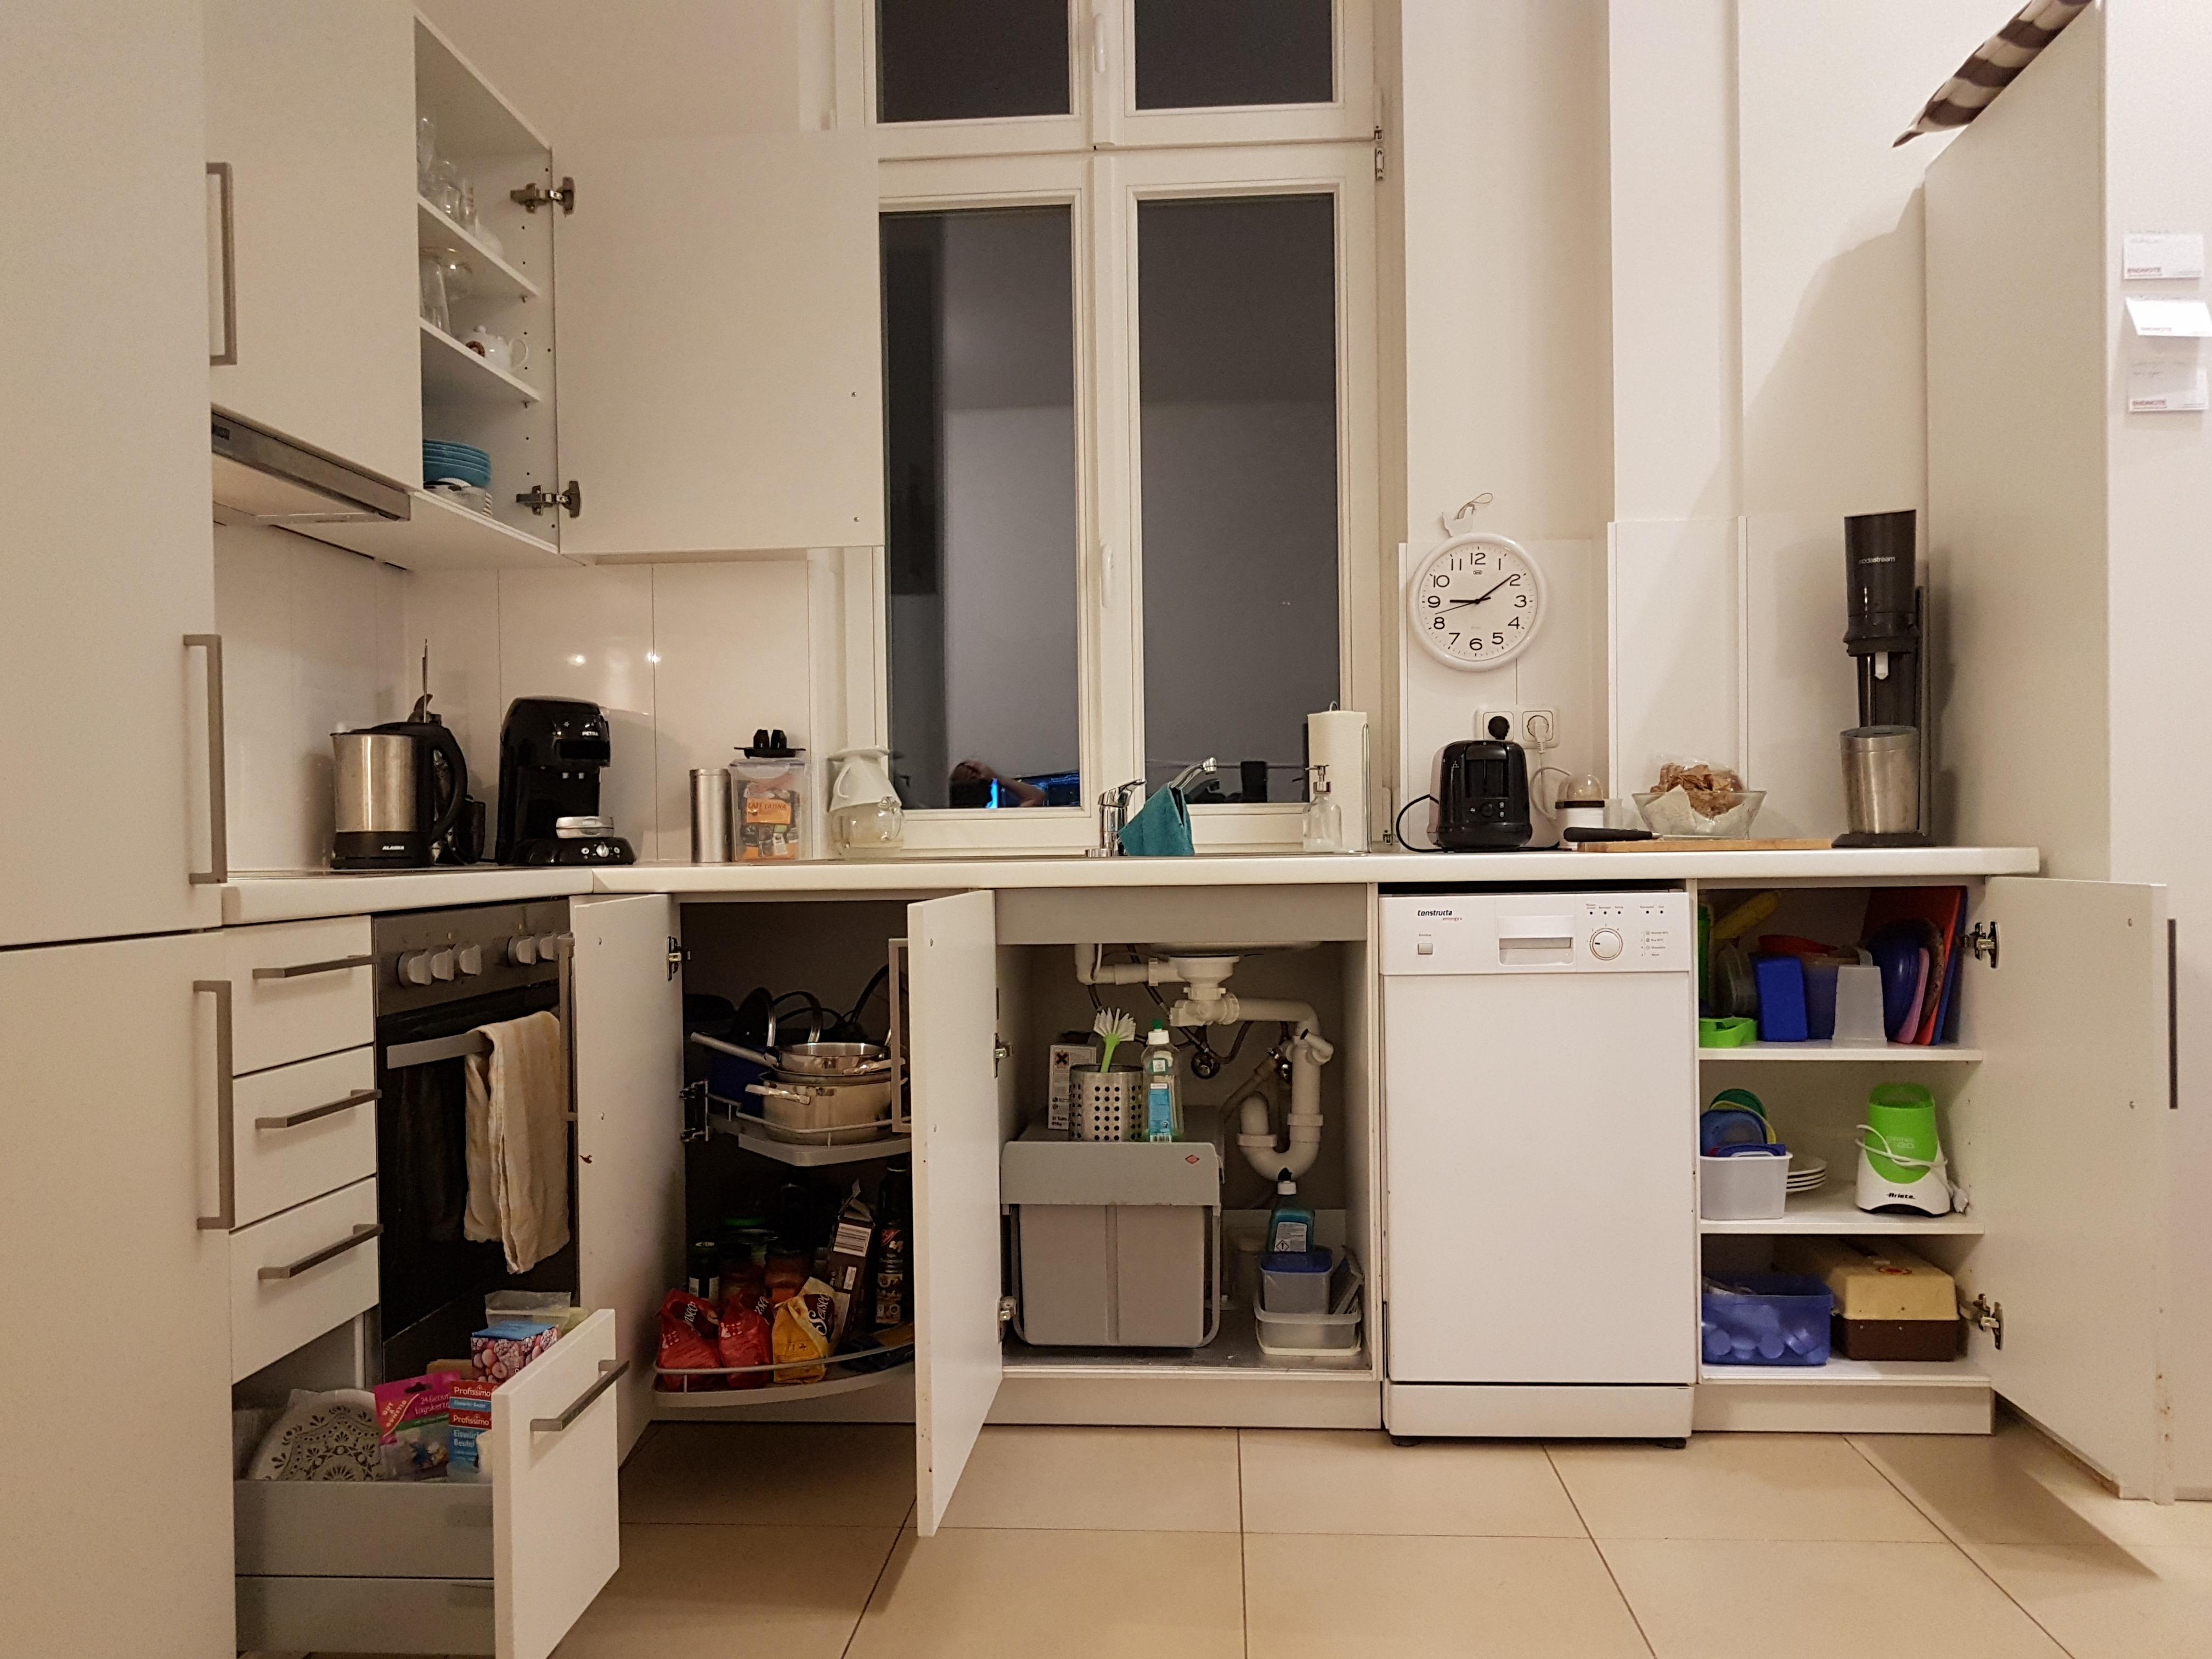 Küche und Wohnzimmer nach KonMari